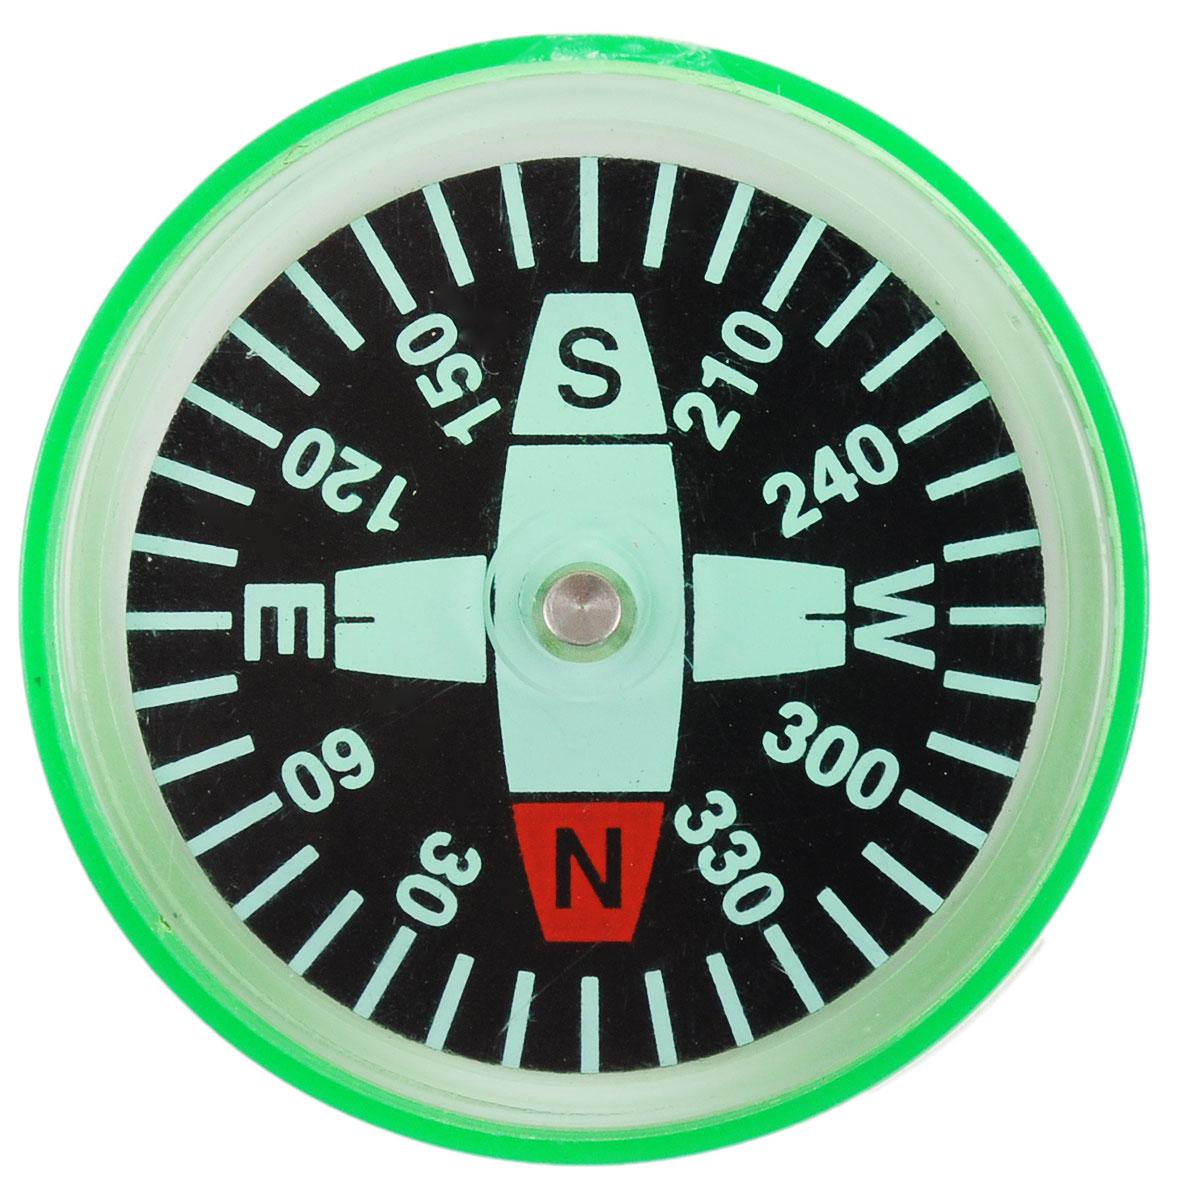 Двойная точилка Brunnen Компас выполнена из прочного пластика.В точилке имеются два отверстия для карандашей различного диаметра. Подходит для разных видов карандашей. При повороте пластикового контейнера, отверстия закрываются.Полупрозрачный контейнер для сбора стружки позволяет визуально контролировать уровень заполнения и вовремя производить очистку. В крышку контейнера встроен небольшой компас.